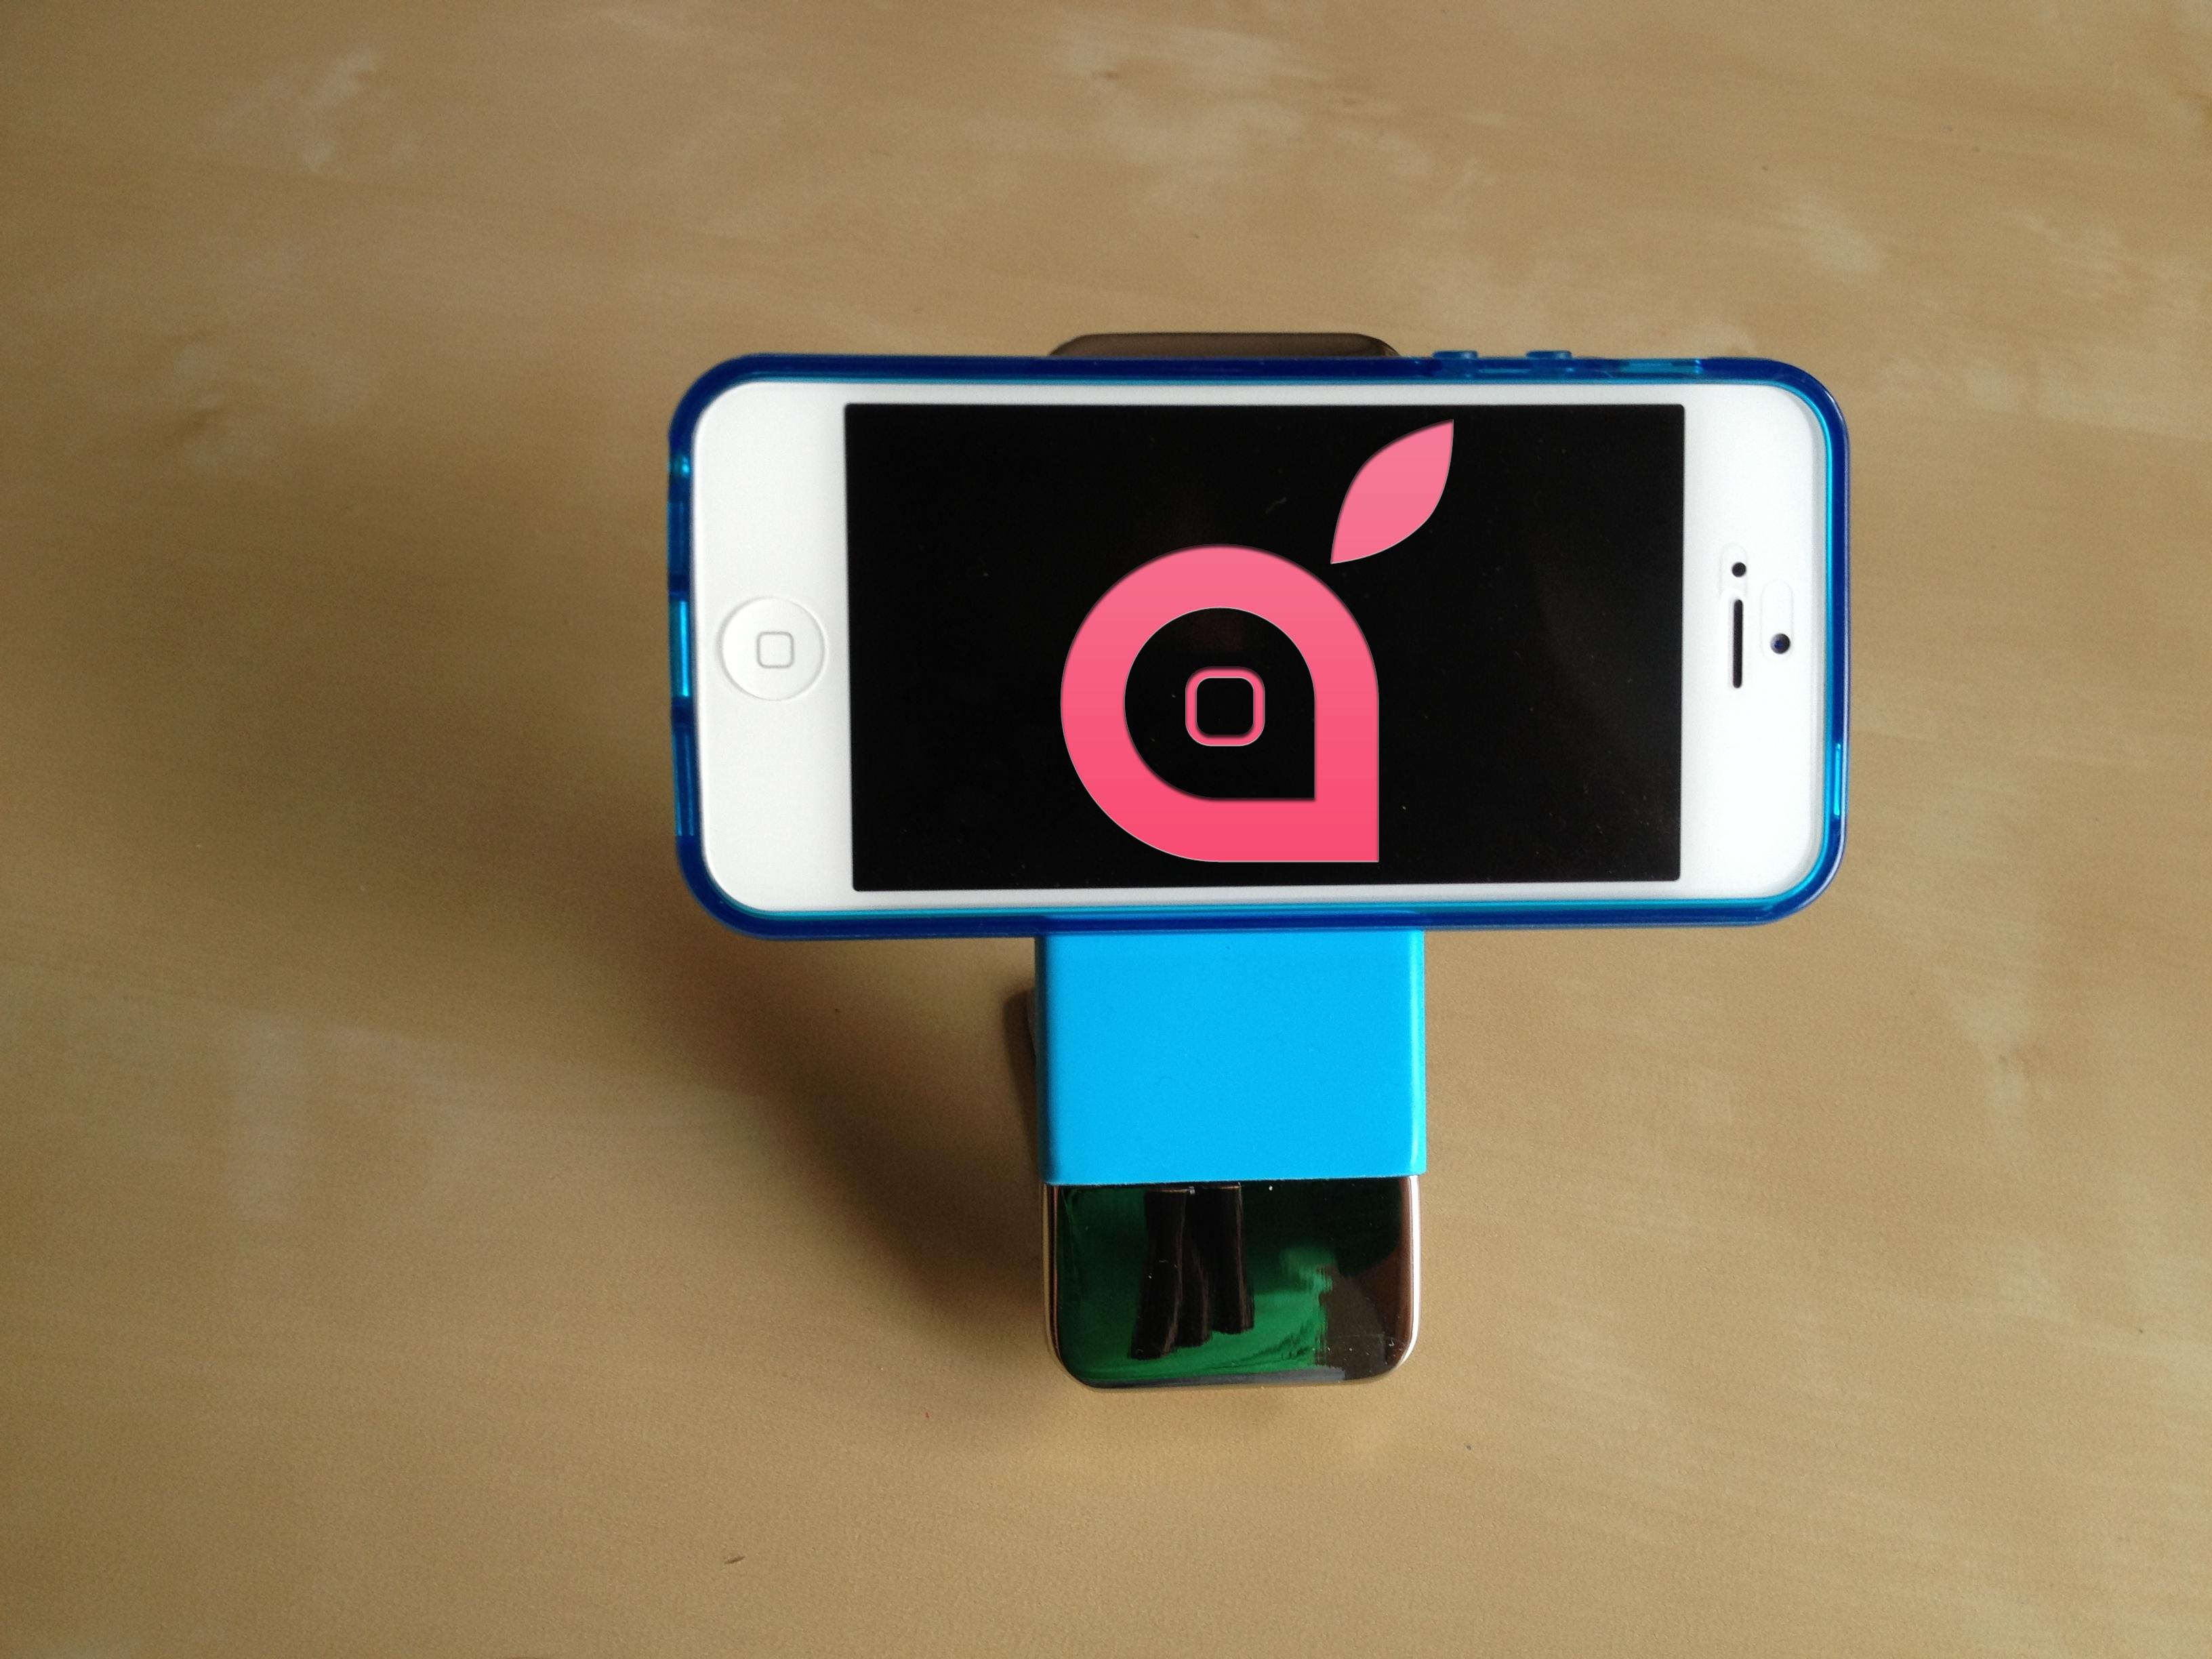 Supporto antiscivolo by Leben per iPhone 5 e non solo… | iSpazio Product Review